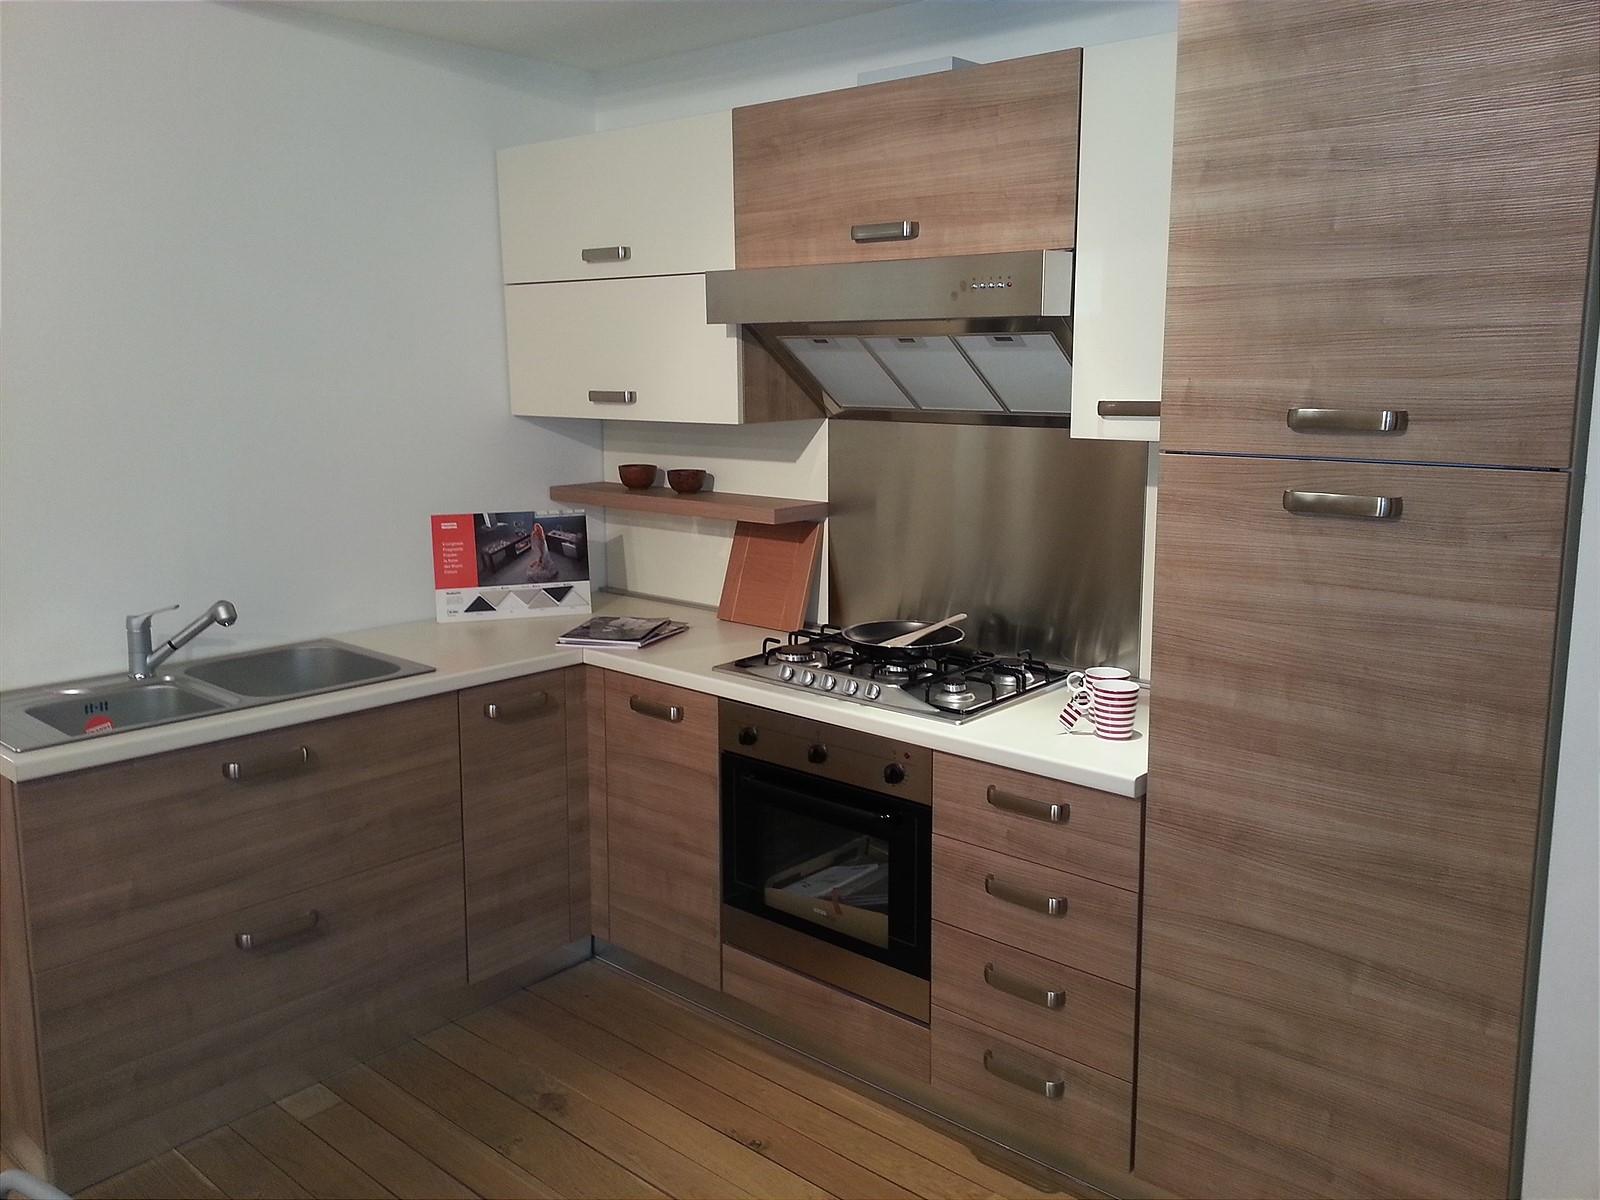 Mk cucine cucina 023 con maniglia scontato del 81 - Disposizione cucina ad angolo ...